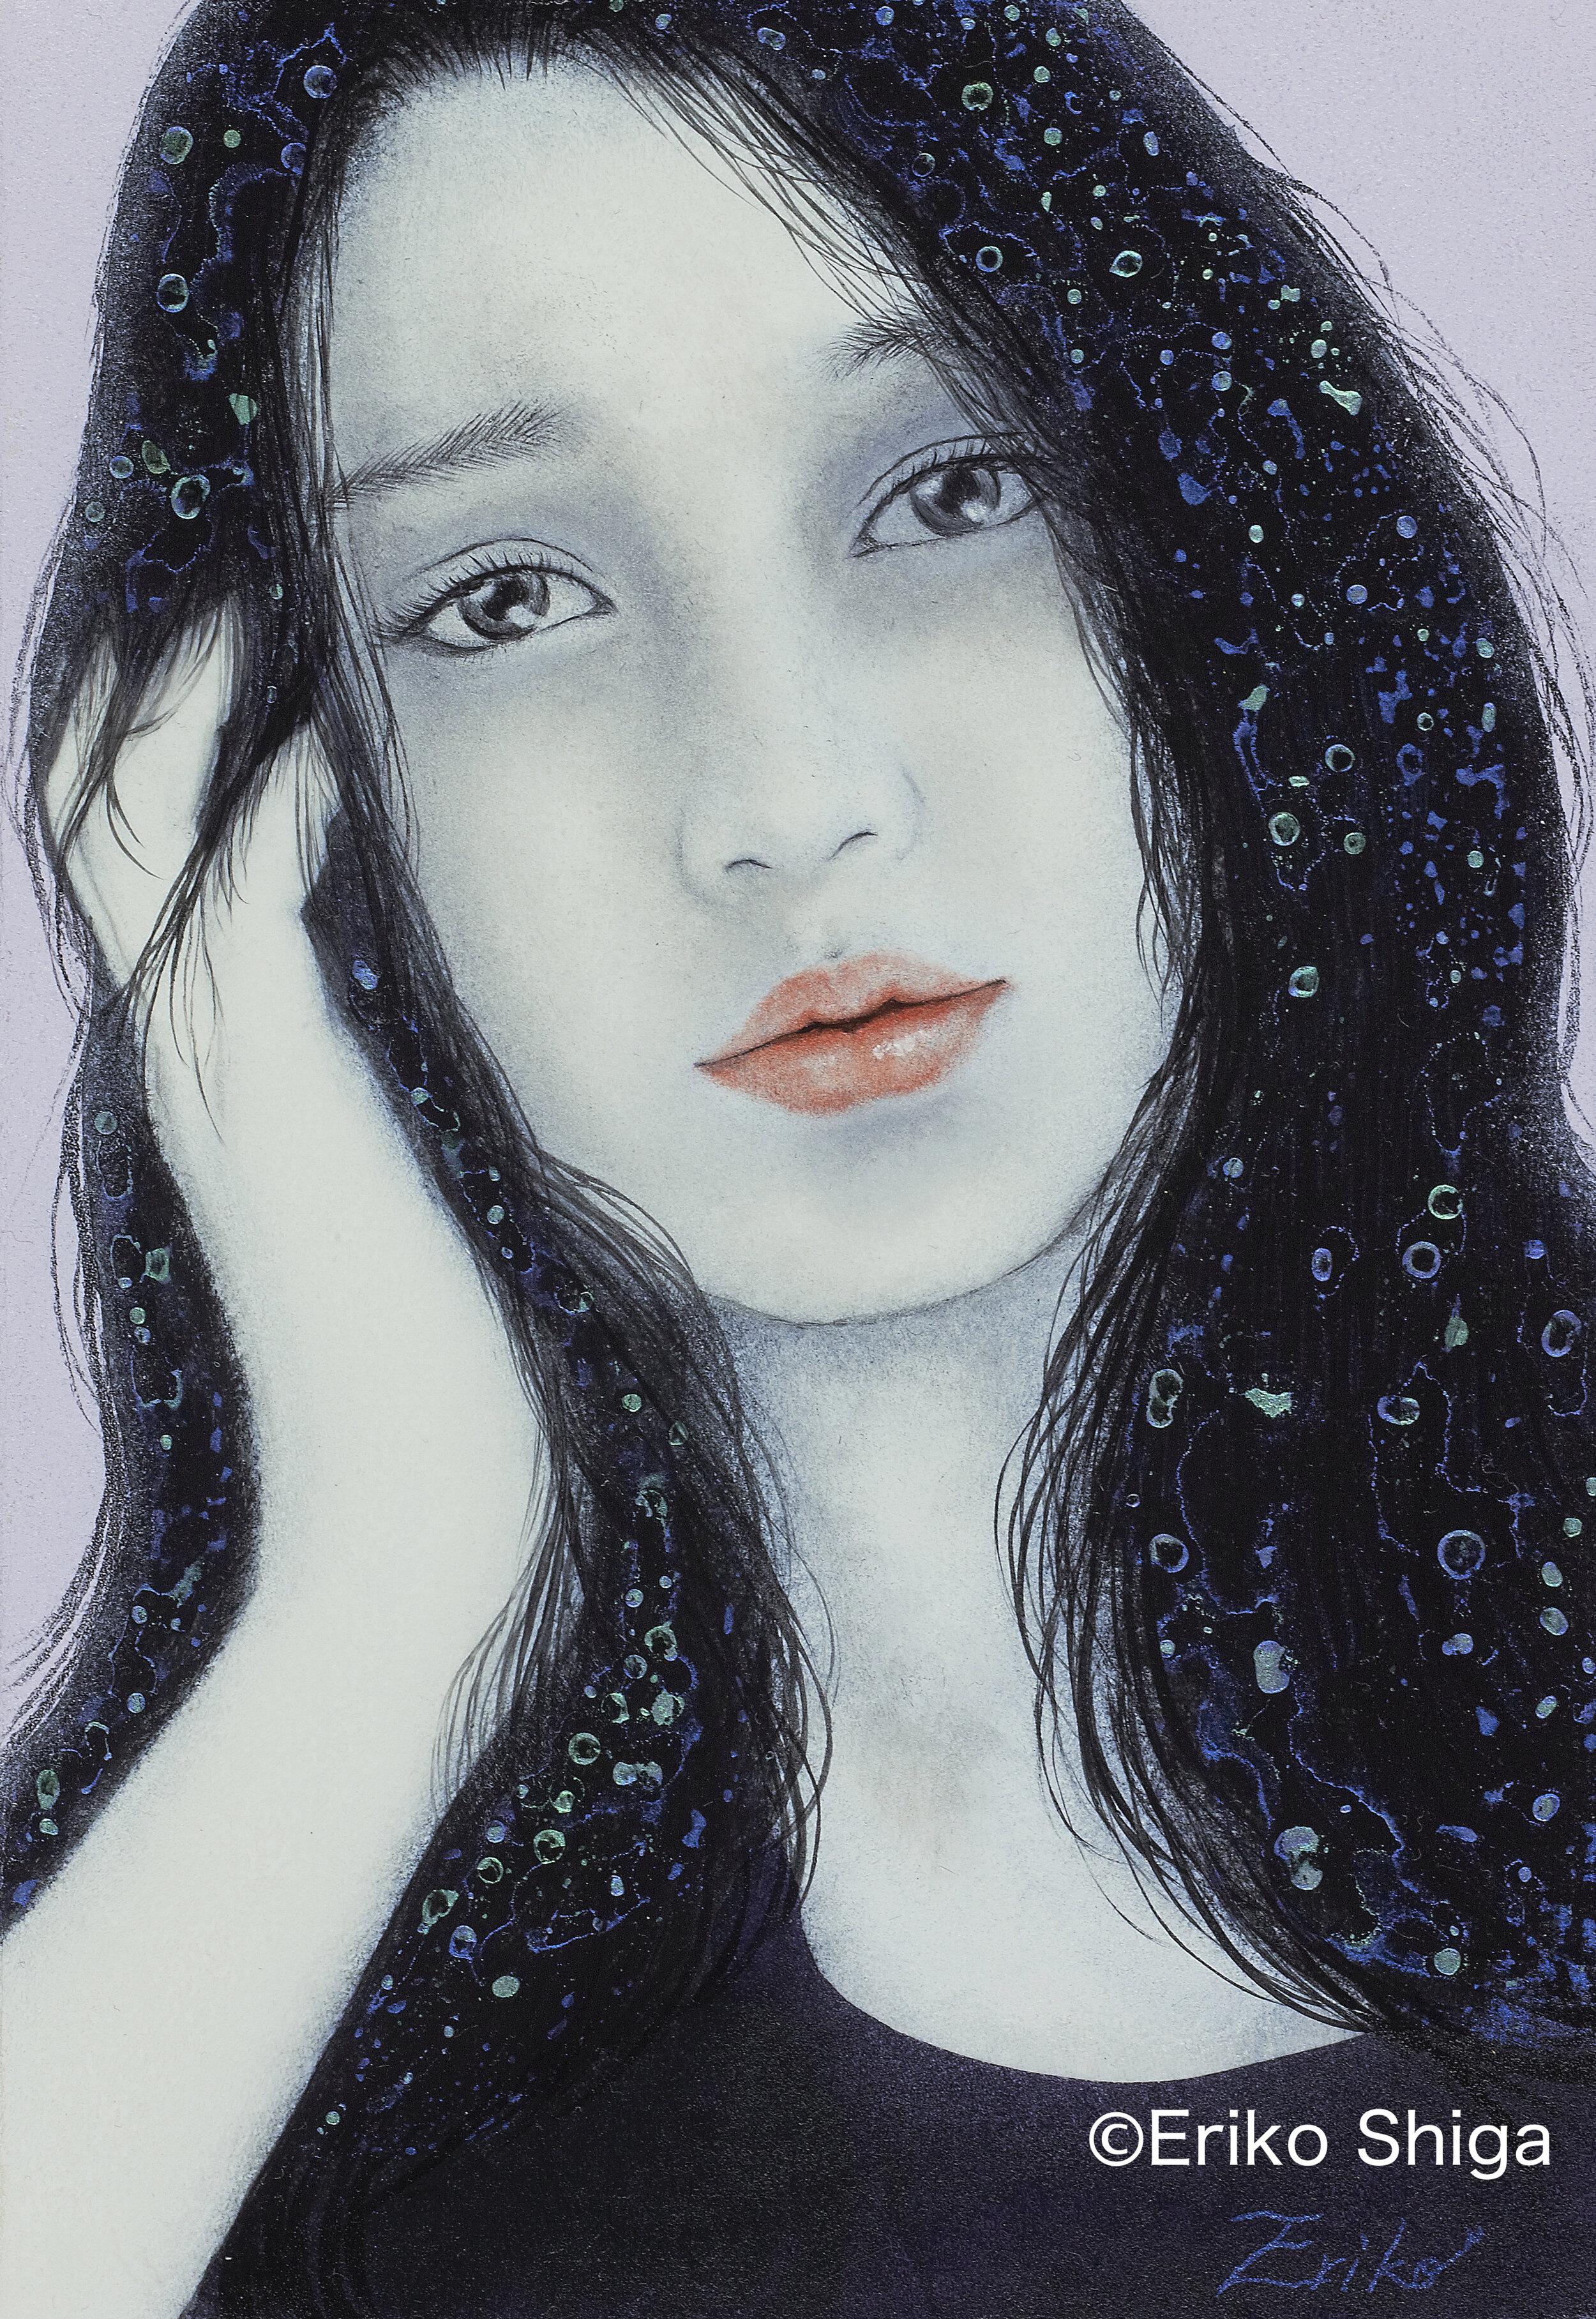 Eriko Shiga_Longing for stars.jpg